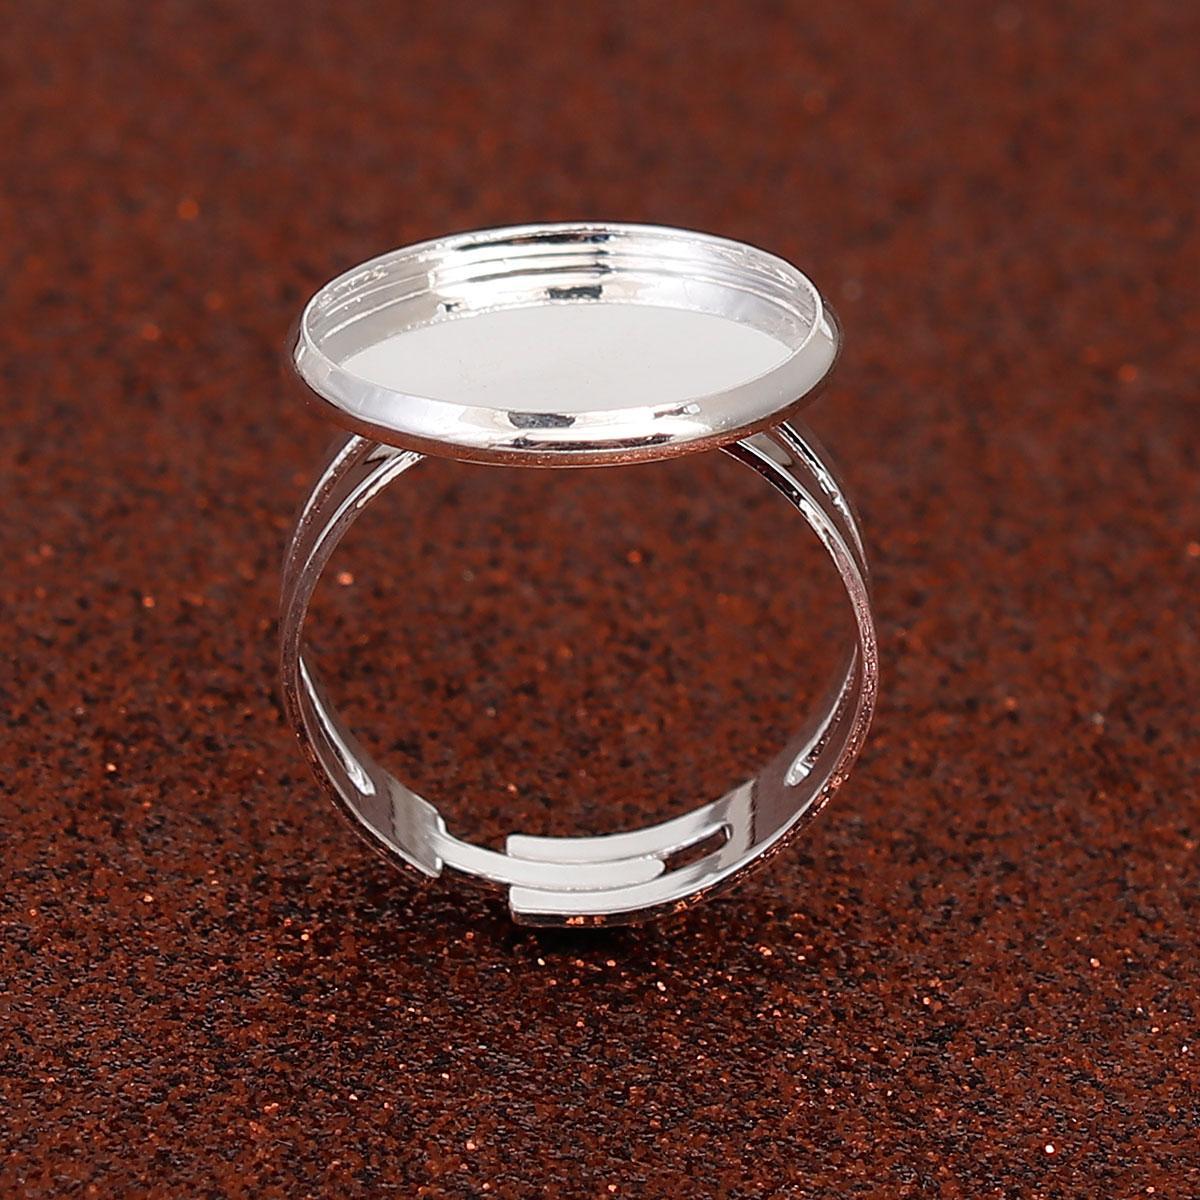 Основа для кольца, Регулируемая, Цвет серебристый, Размер 17.5 (Под вставку 16 мм)